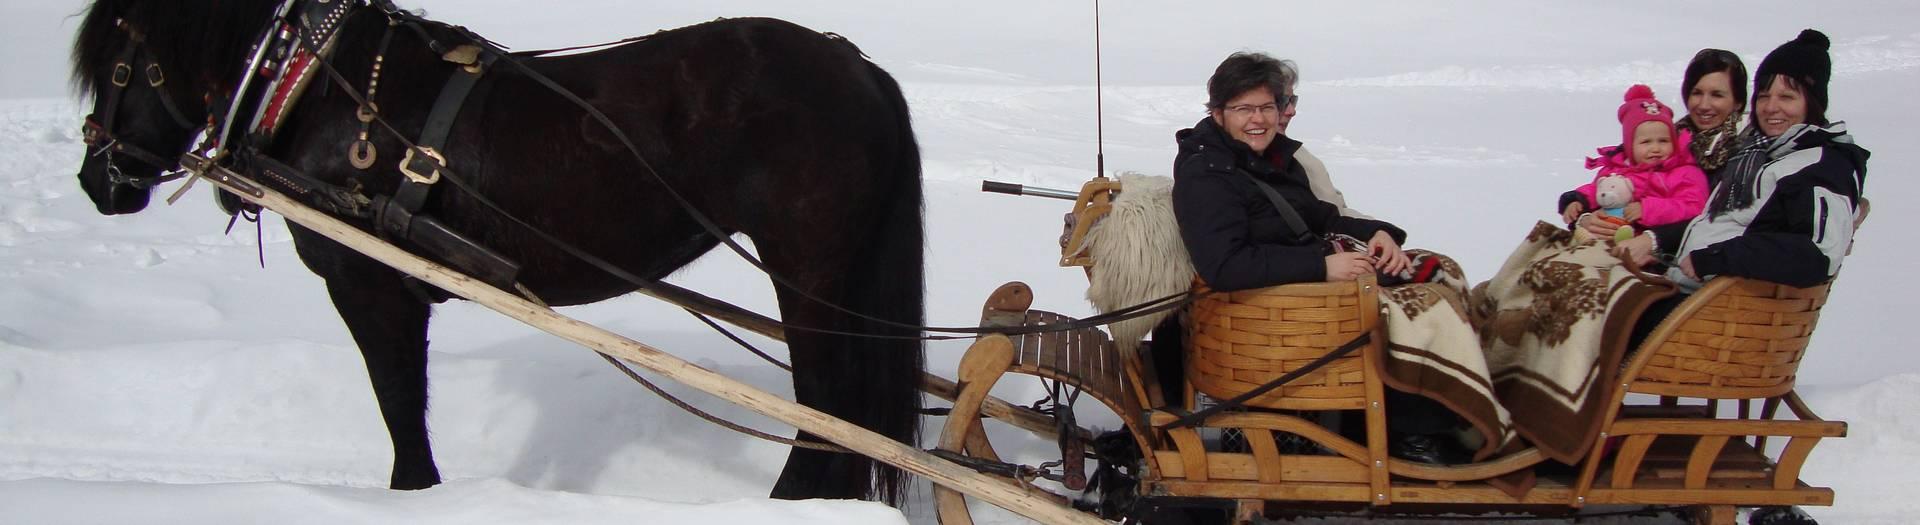 Pferdeschlittenfahrt im Schnee im Bodental